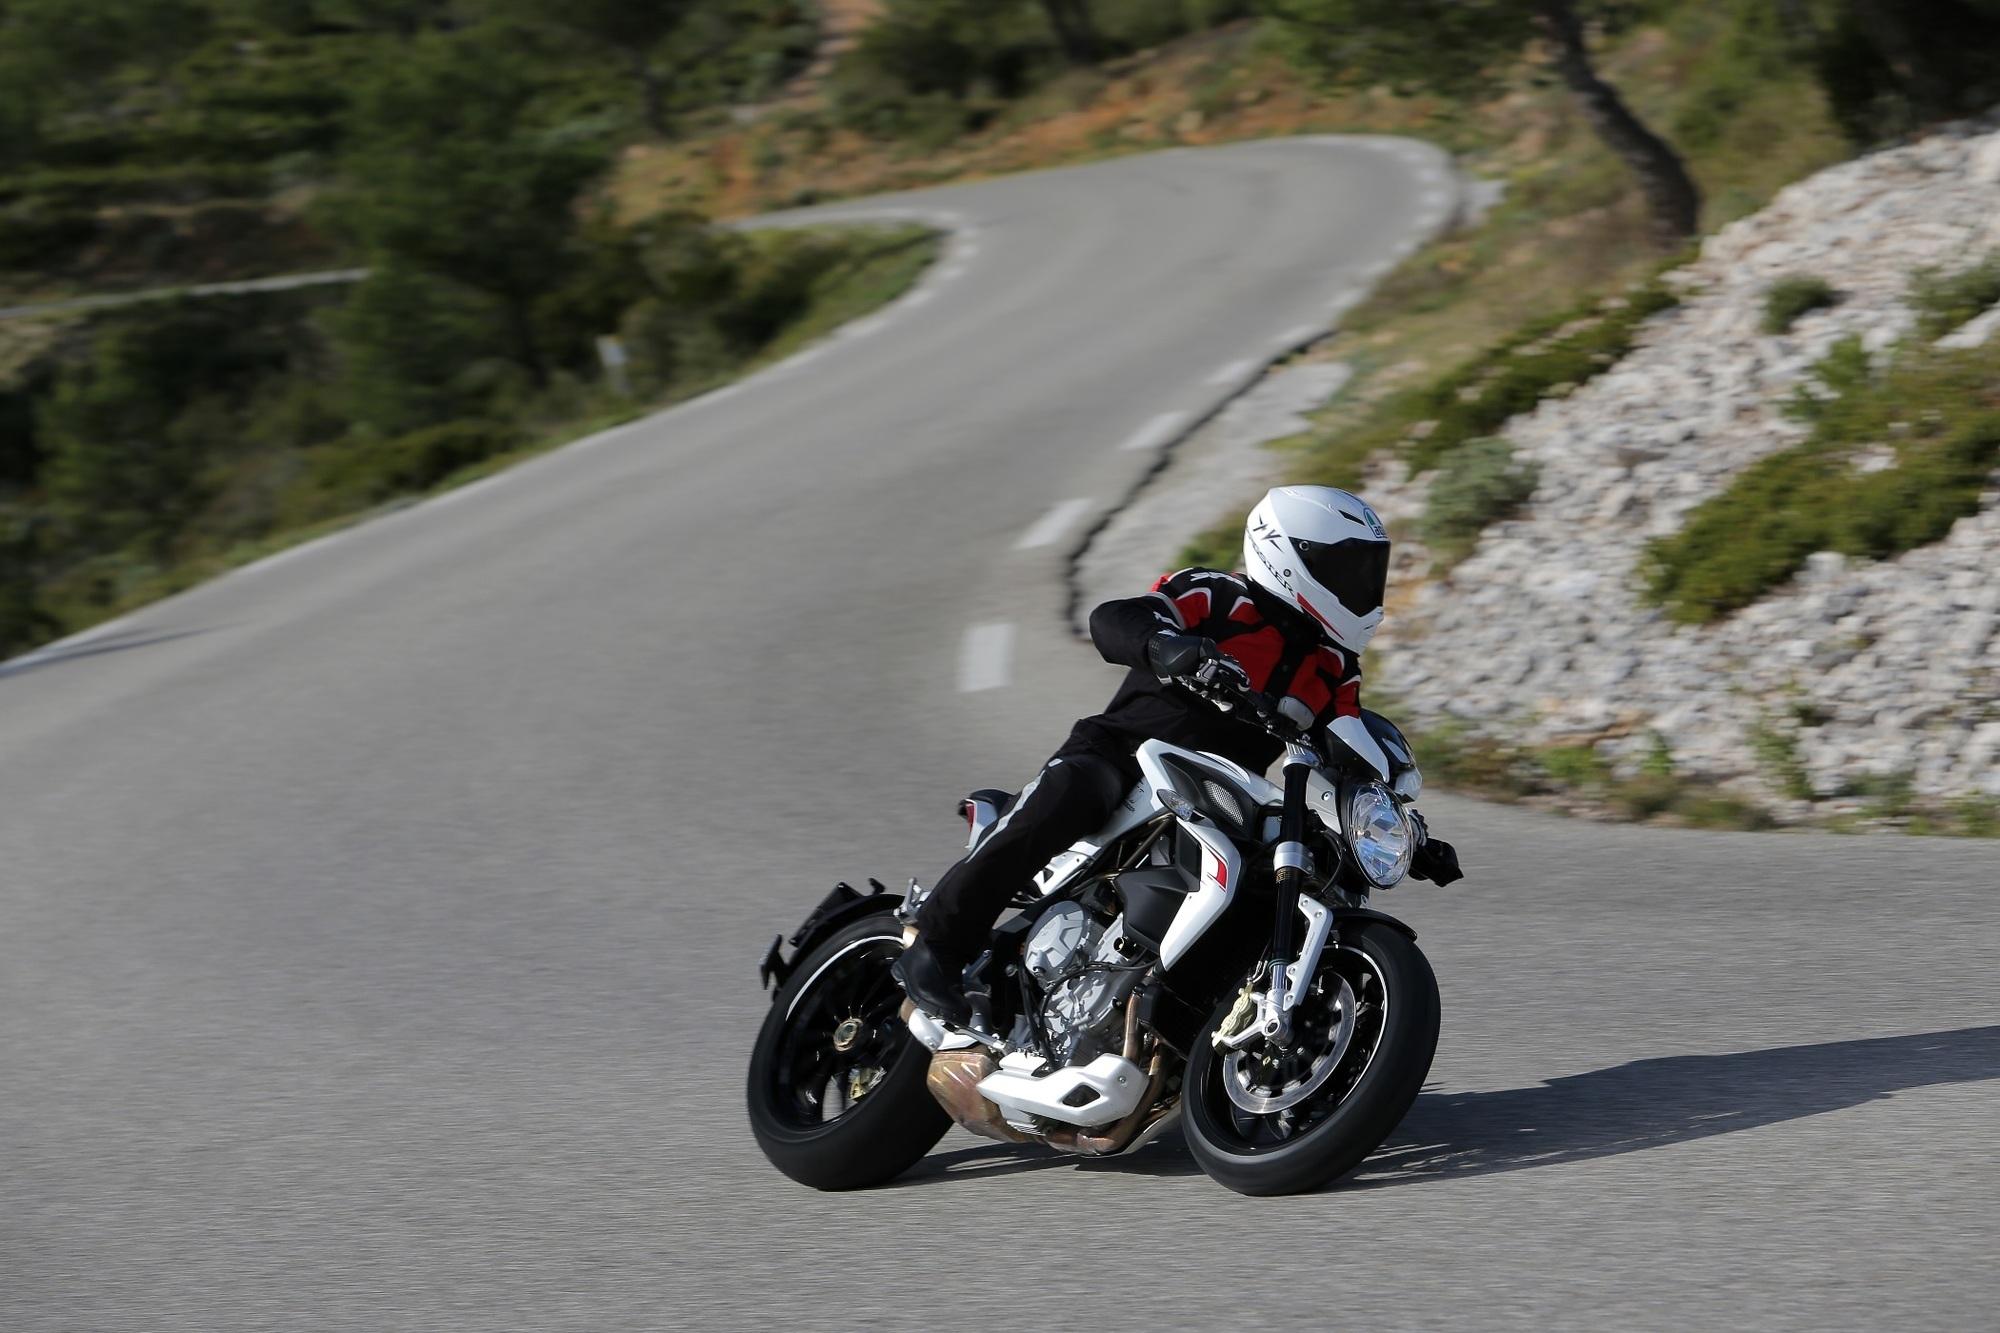 Daimler und MV Agusta - AMG könnte Motorradsparte erhalten